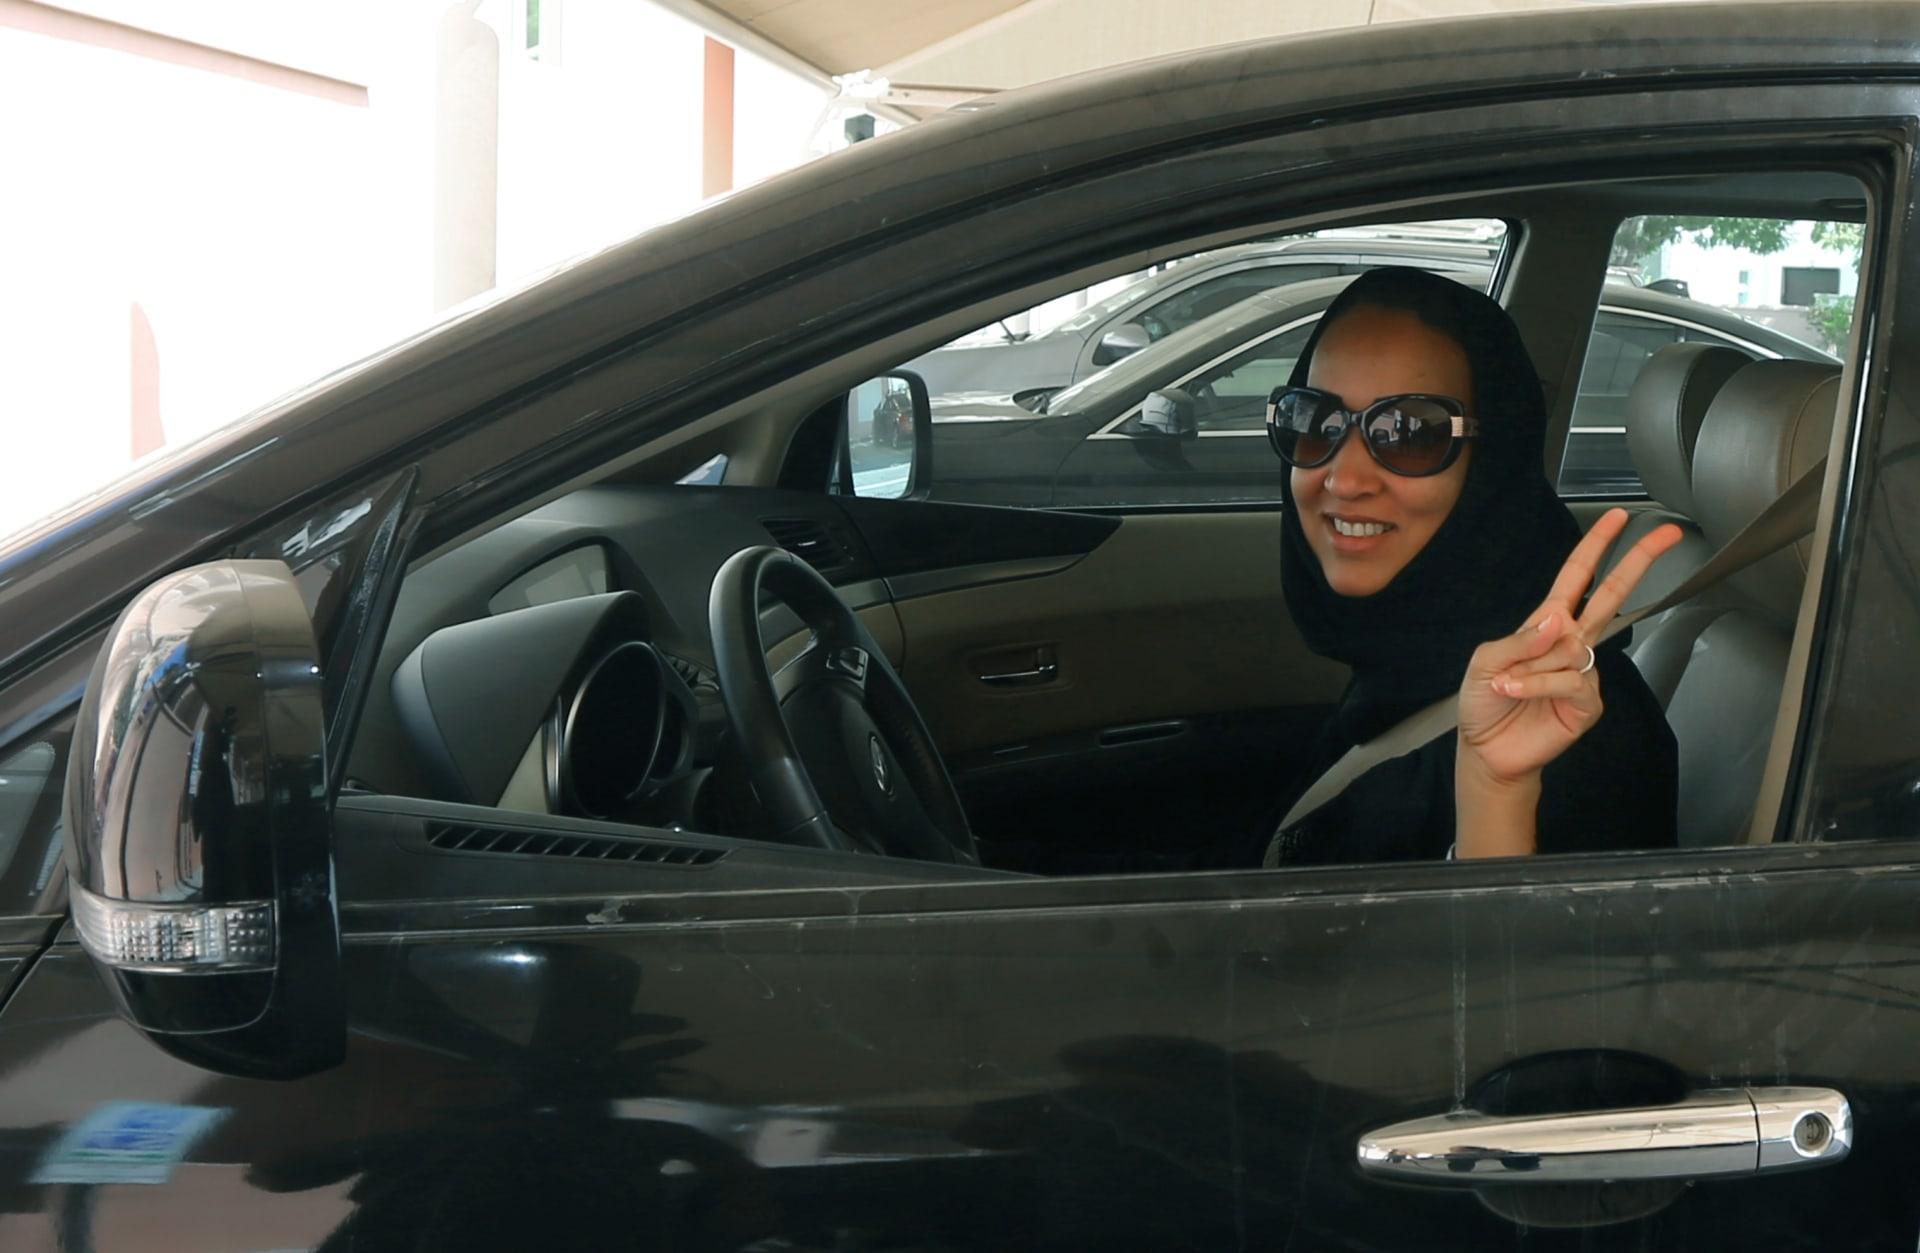 سفارة السعودية بواشنطن تدعو الناشطة المعارضة منال الشريف إلى زيارتها للقاء ريما بنت بندر